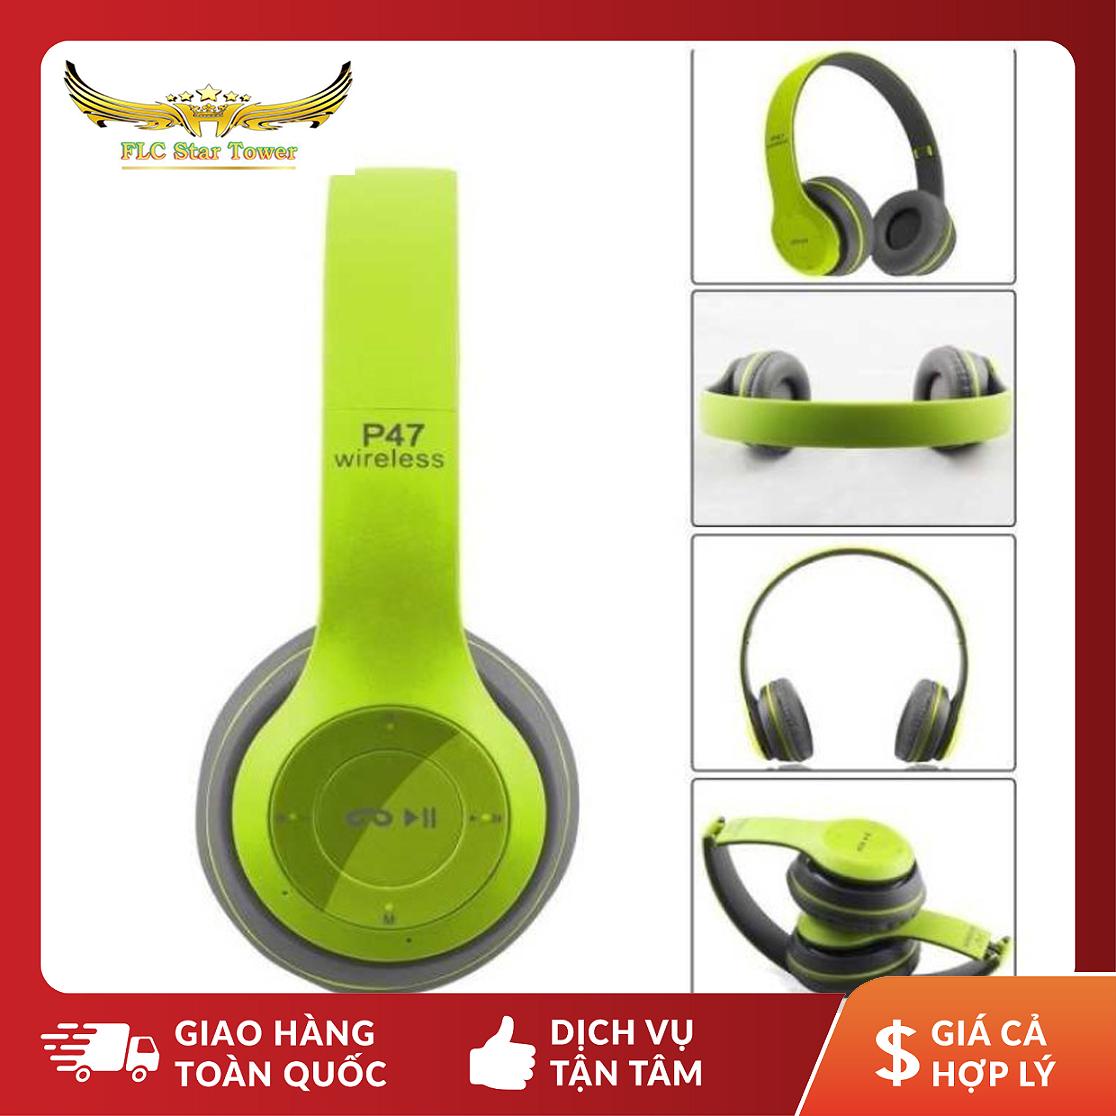 (HOT) Tai nghe - Headphone chính hãng, Tai Nghe Bluetooth P47 Có Khe Cắm Thẻ Nhớ - Âm Thanh Đỉnh Cao + Cáp Sạc + Dây Kết Nối 2 Đầu 3.5 + Chọn Màu Thoải Mái + Bảo Hành 6 Tháng Lỗi 1 Đổi 1 .